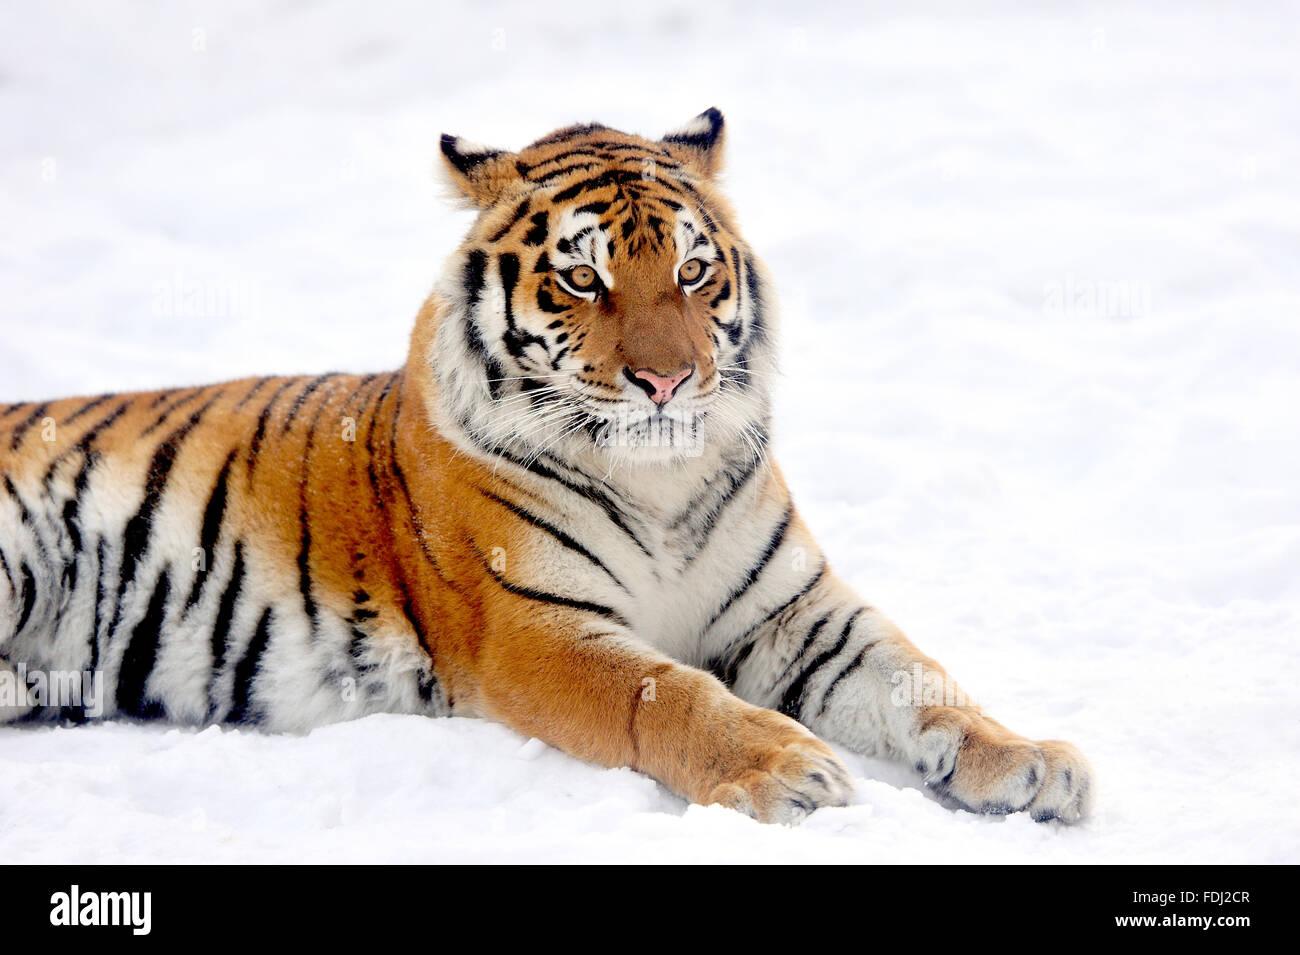 Bella wild tigre siberiana sulla neve Immagini Stock